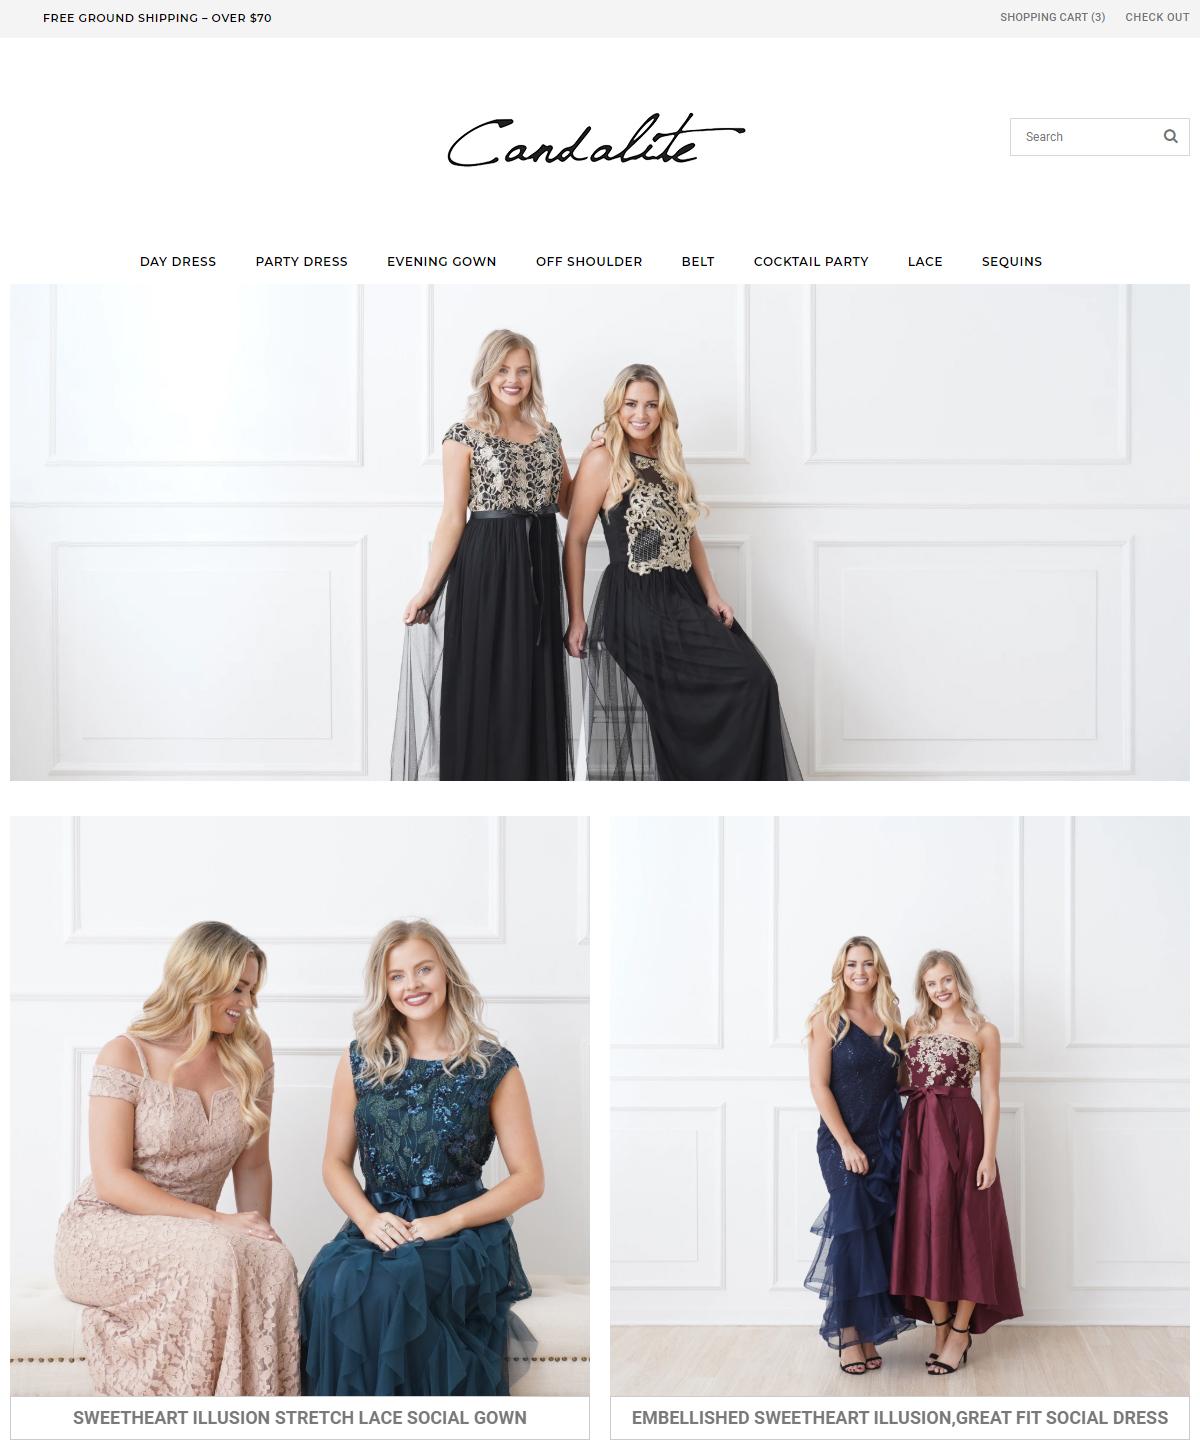 Candalite.com